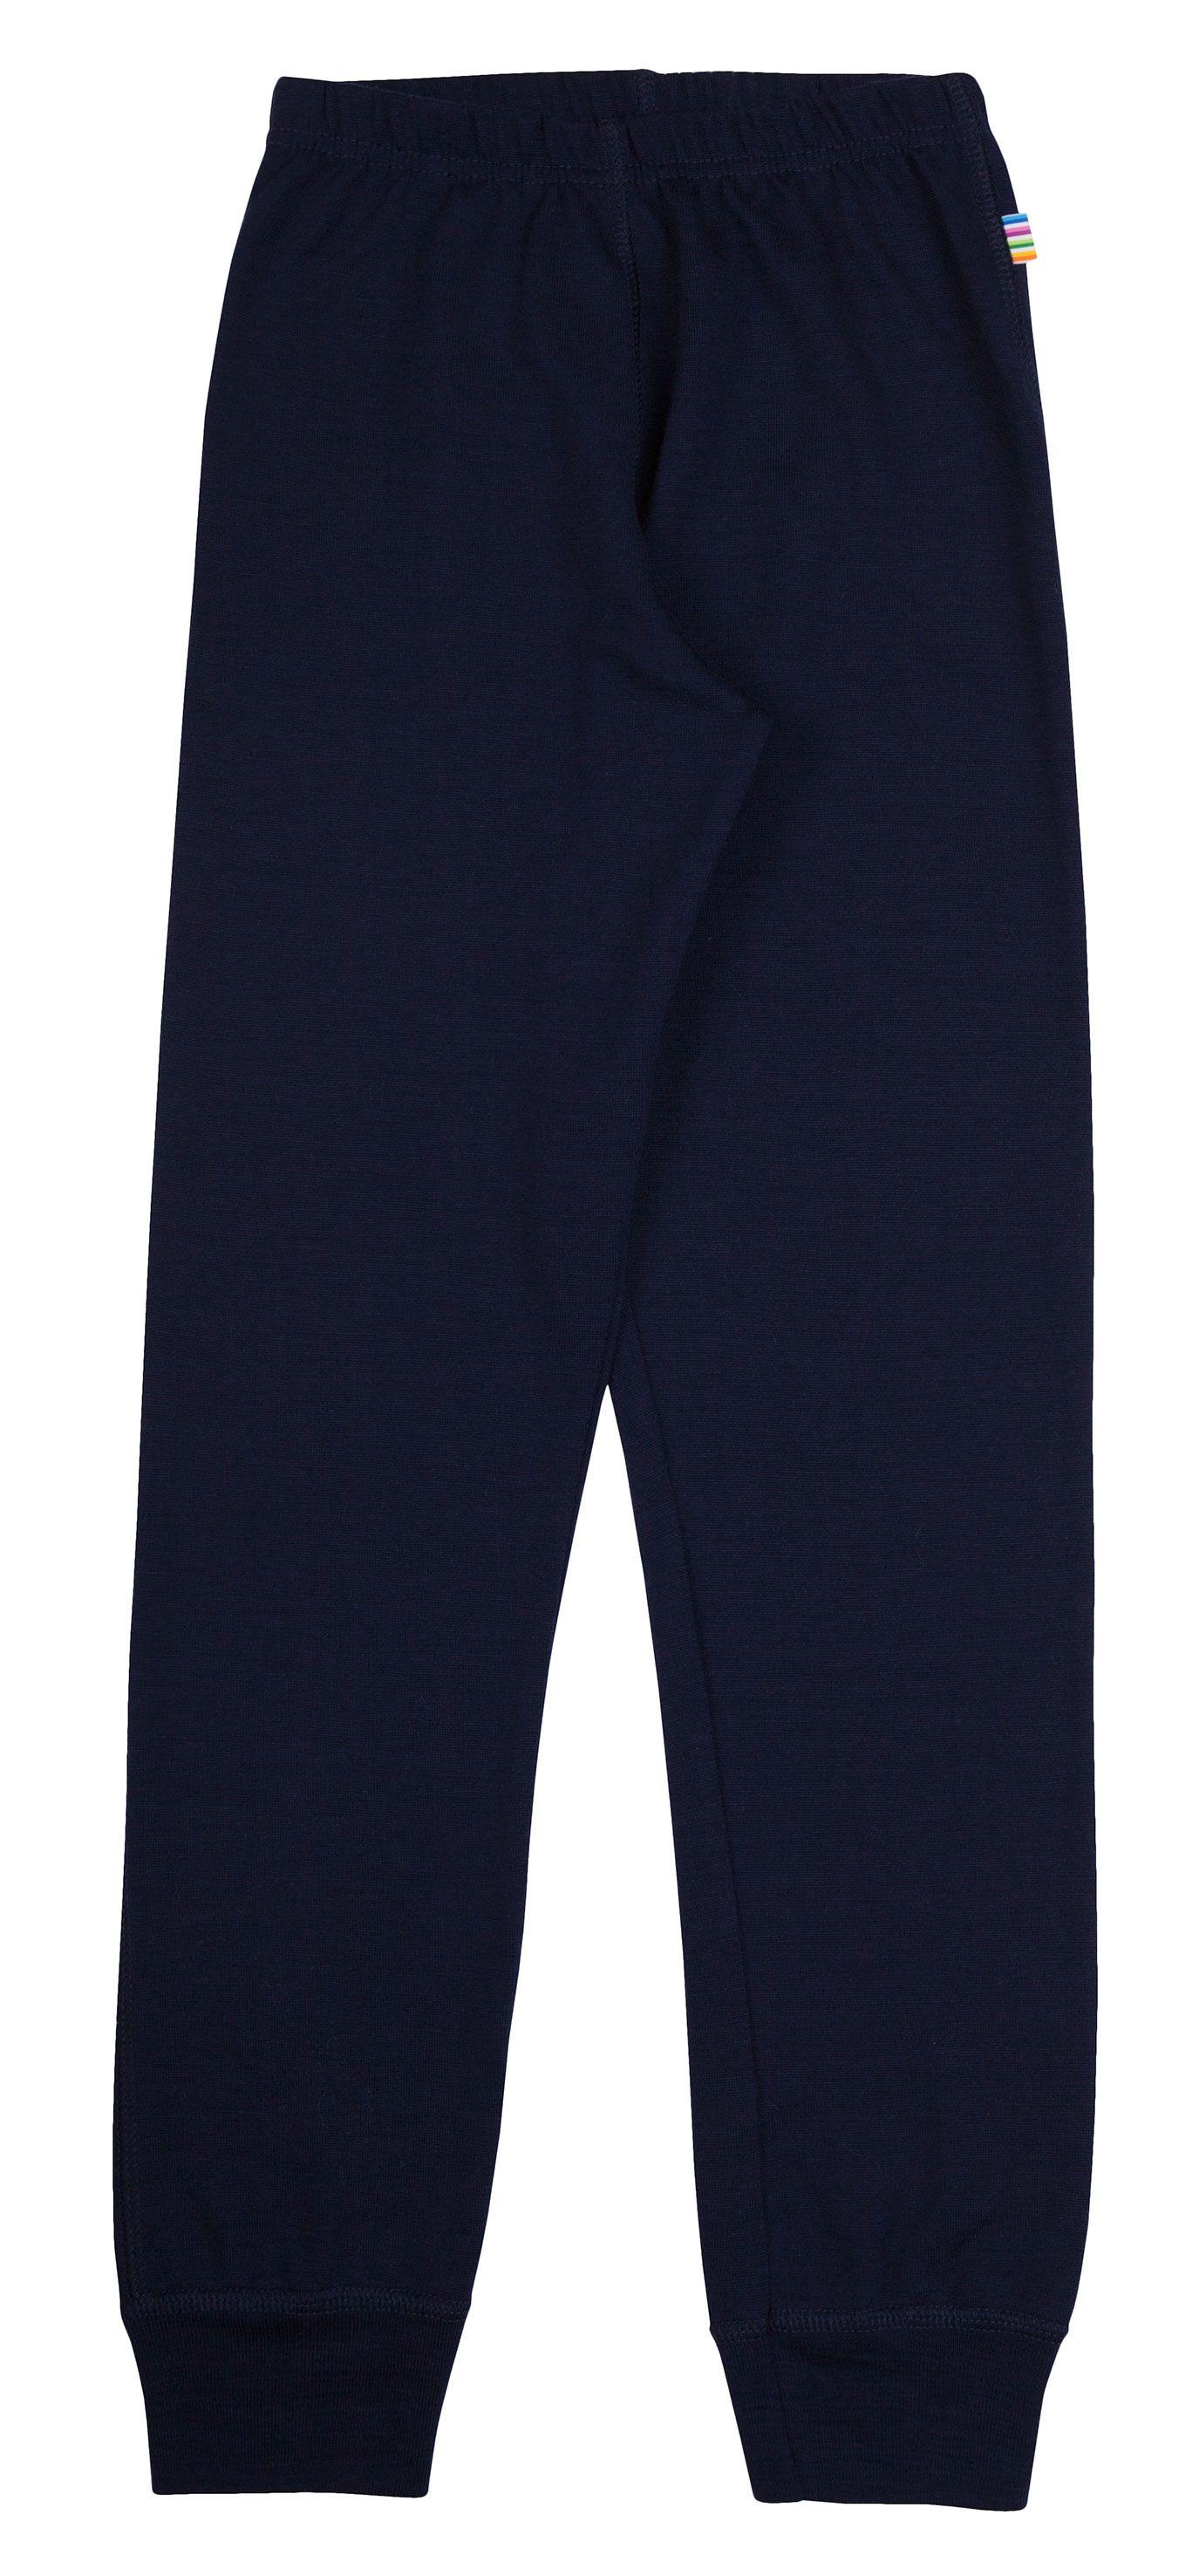 Image of Leggings fra Joha i uld i Navy (25643-348-413)